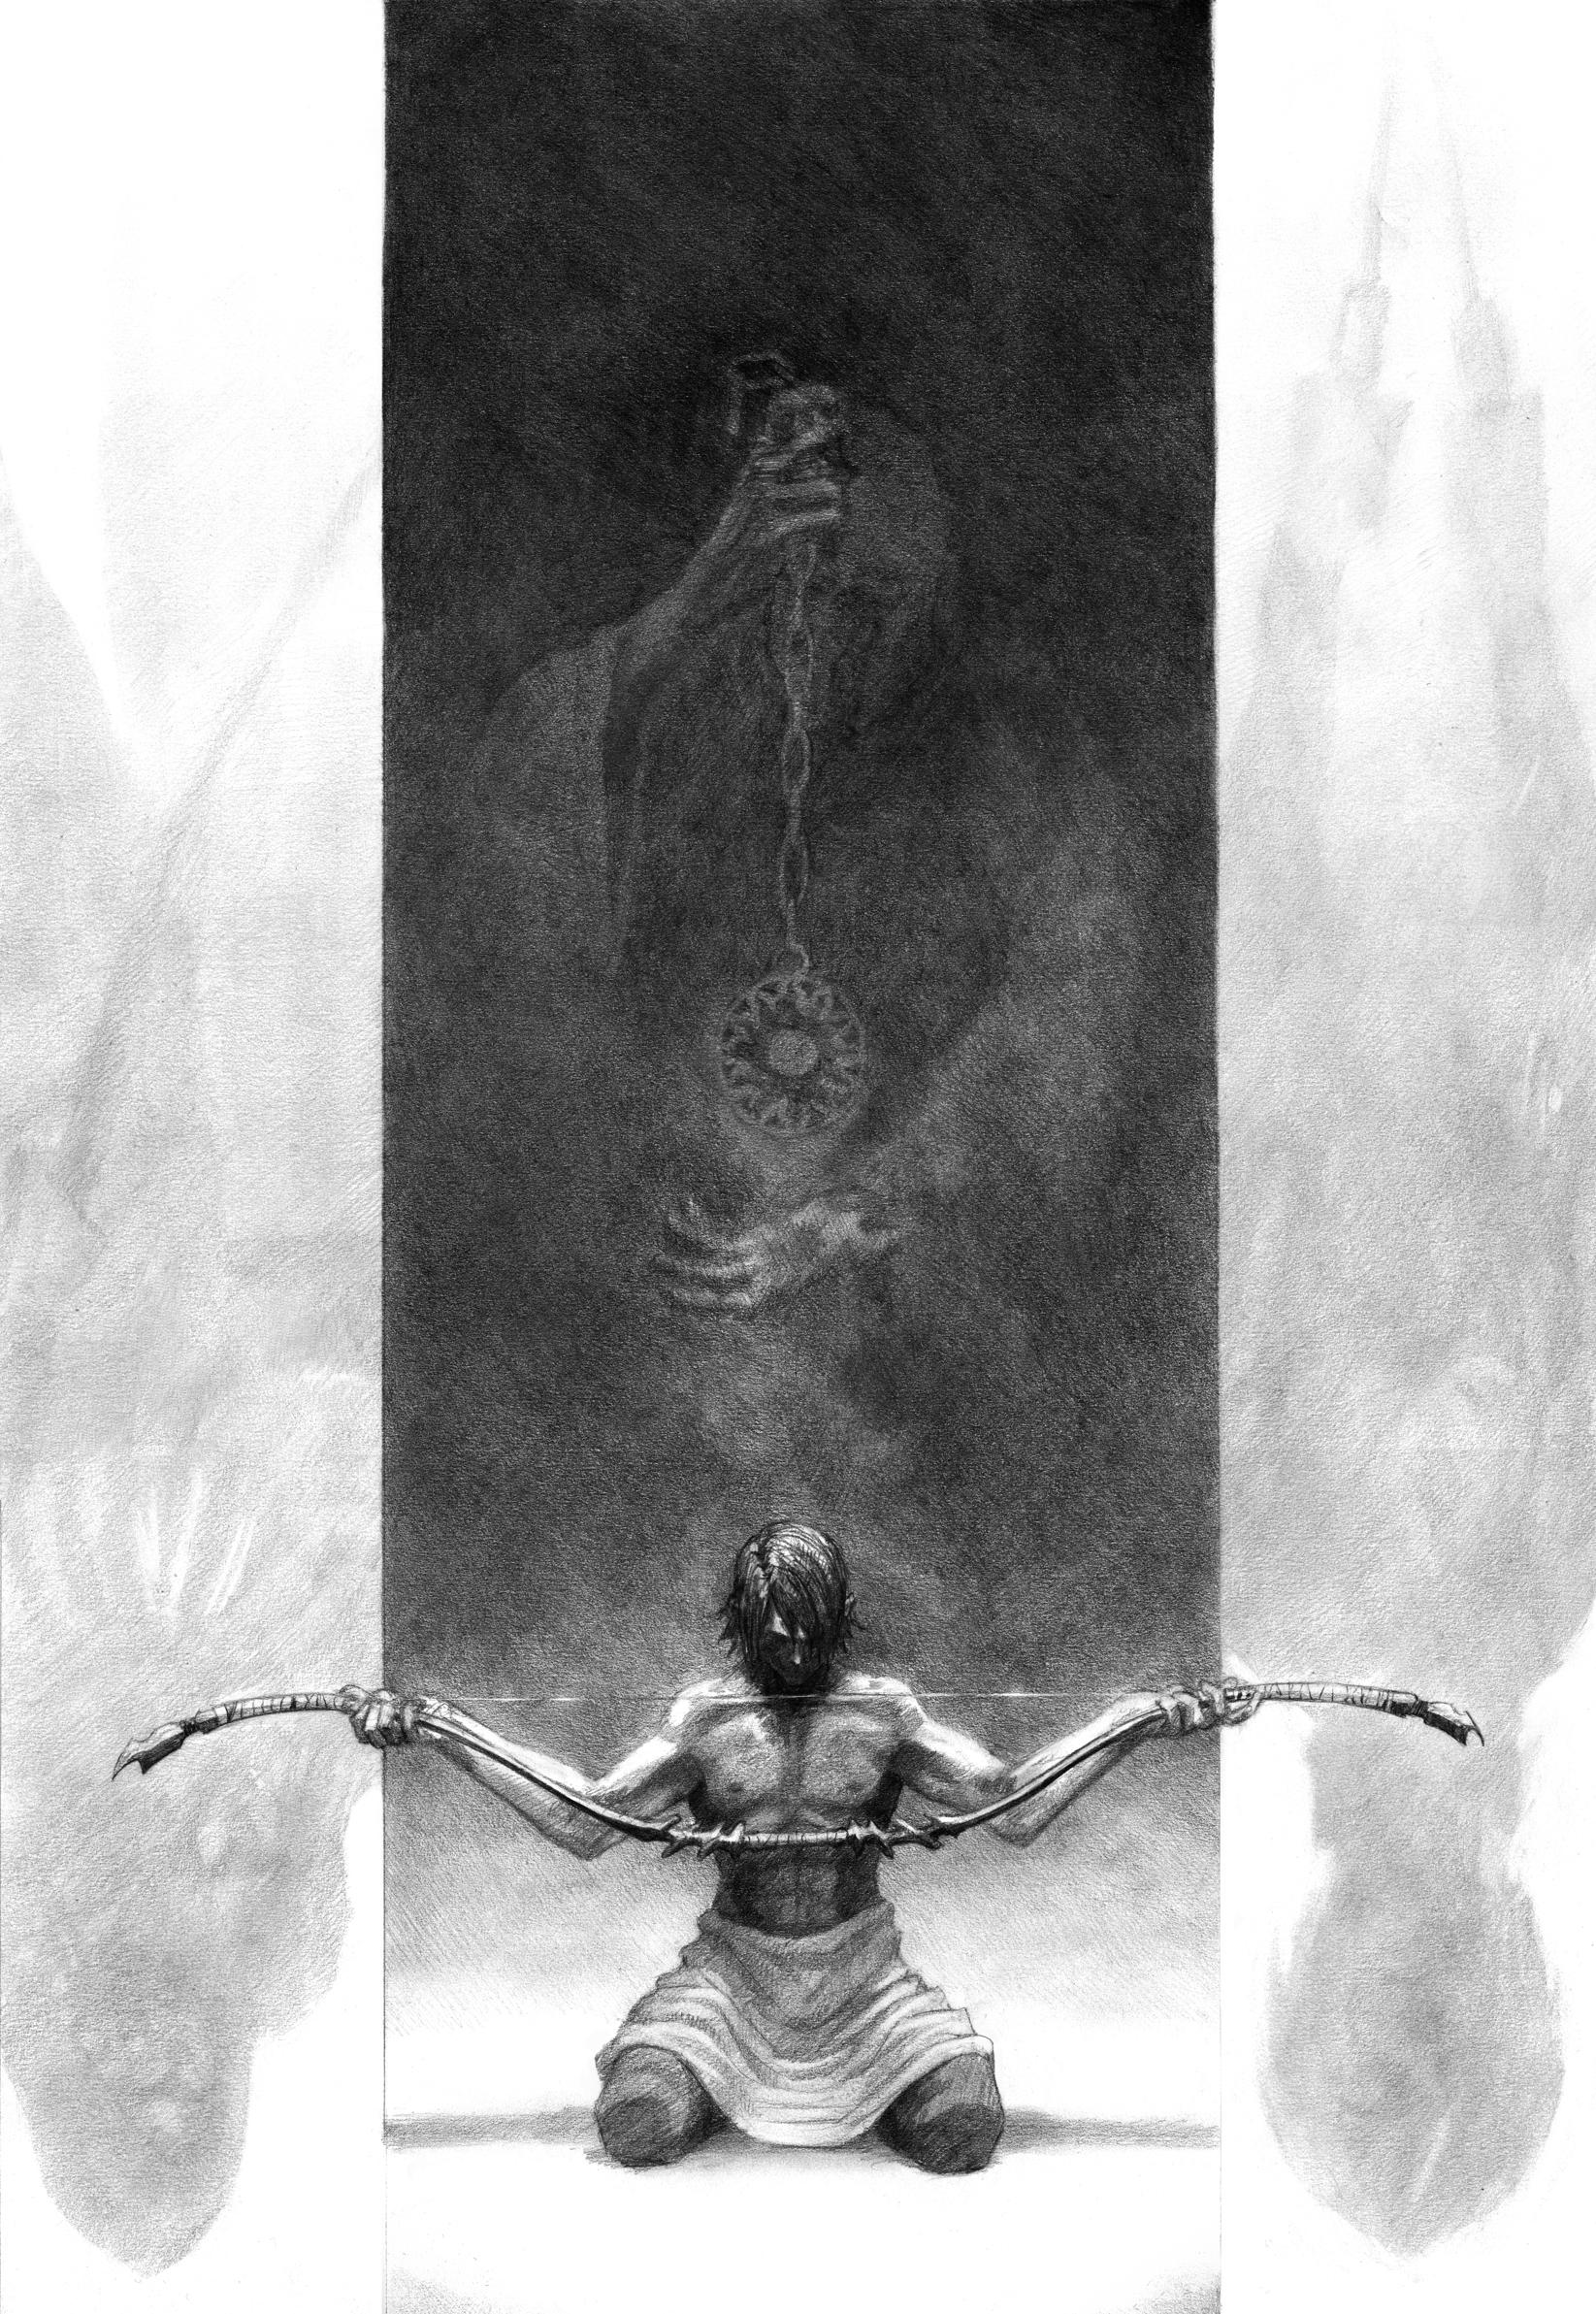 Devotion by Daandric